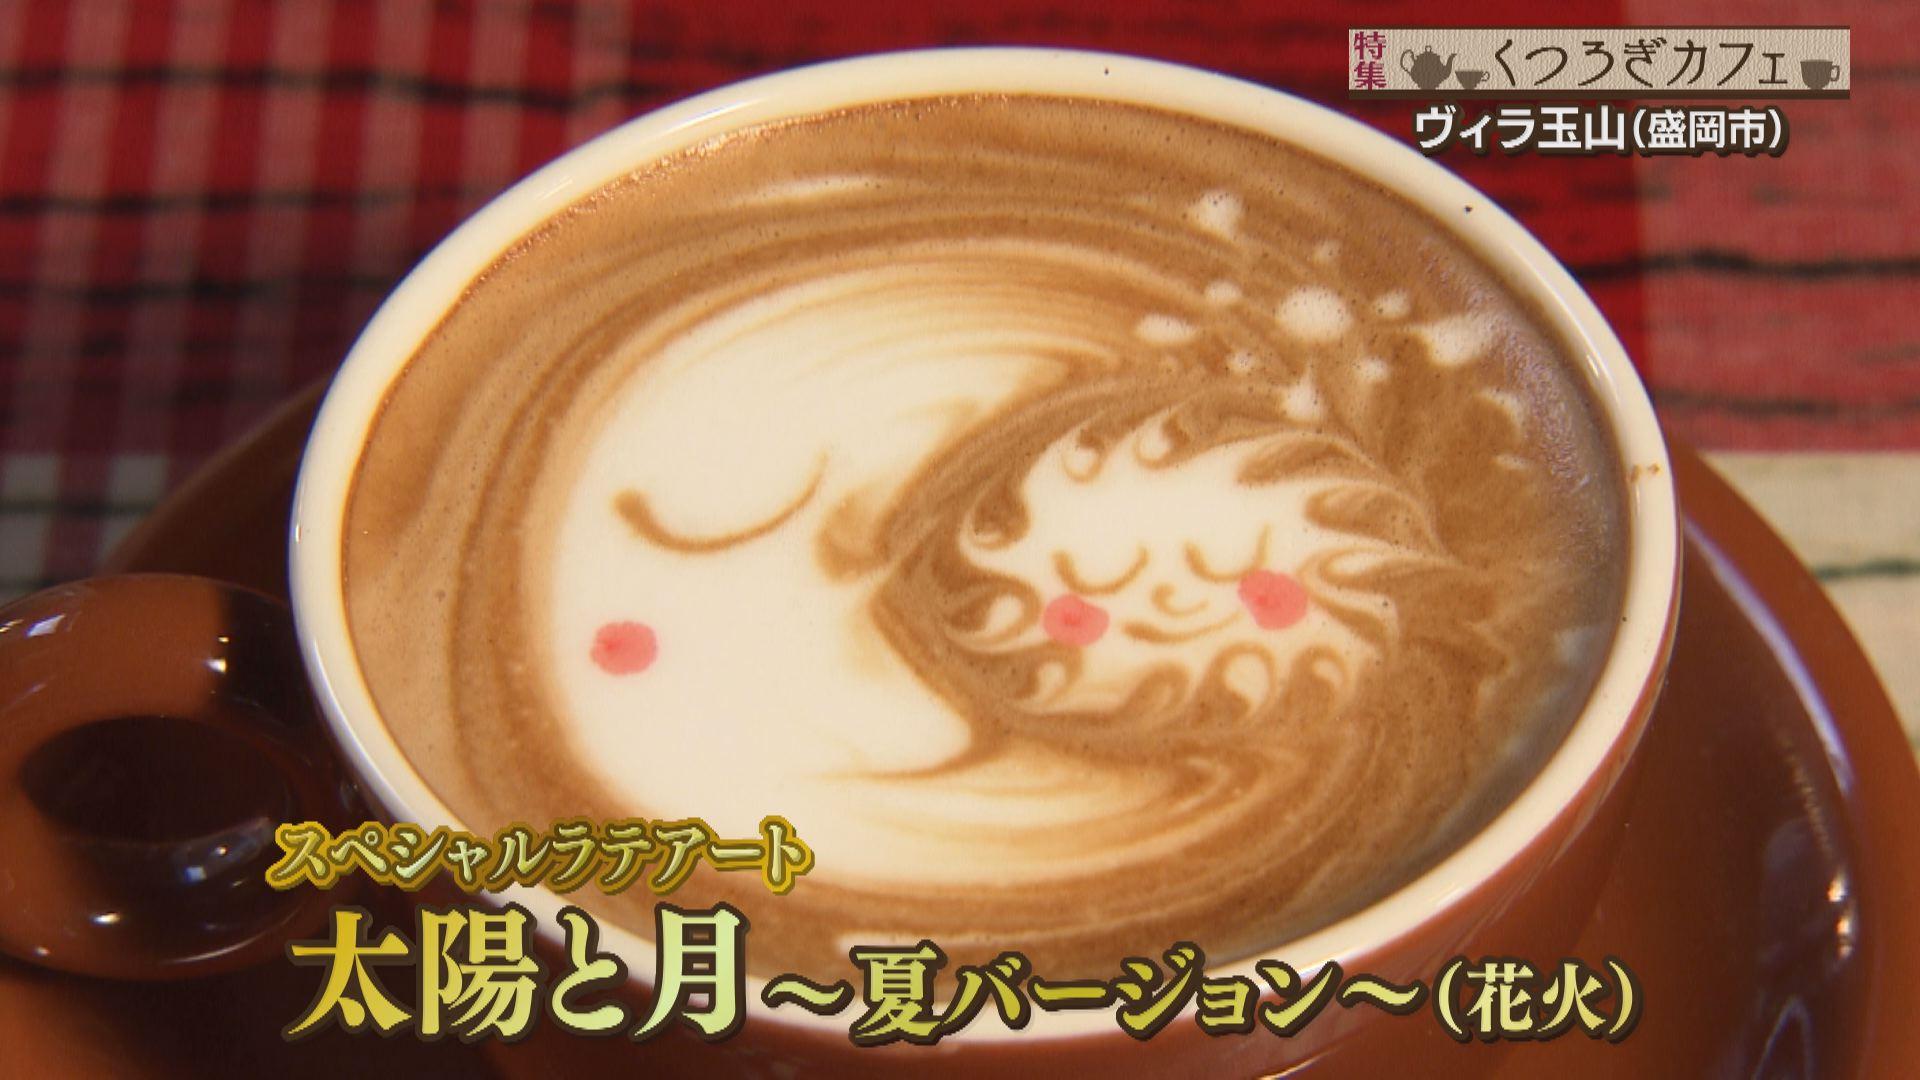 くつろぎカフェ特集